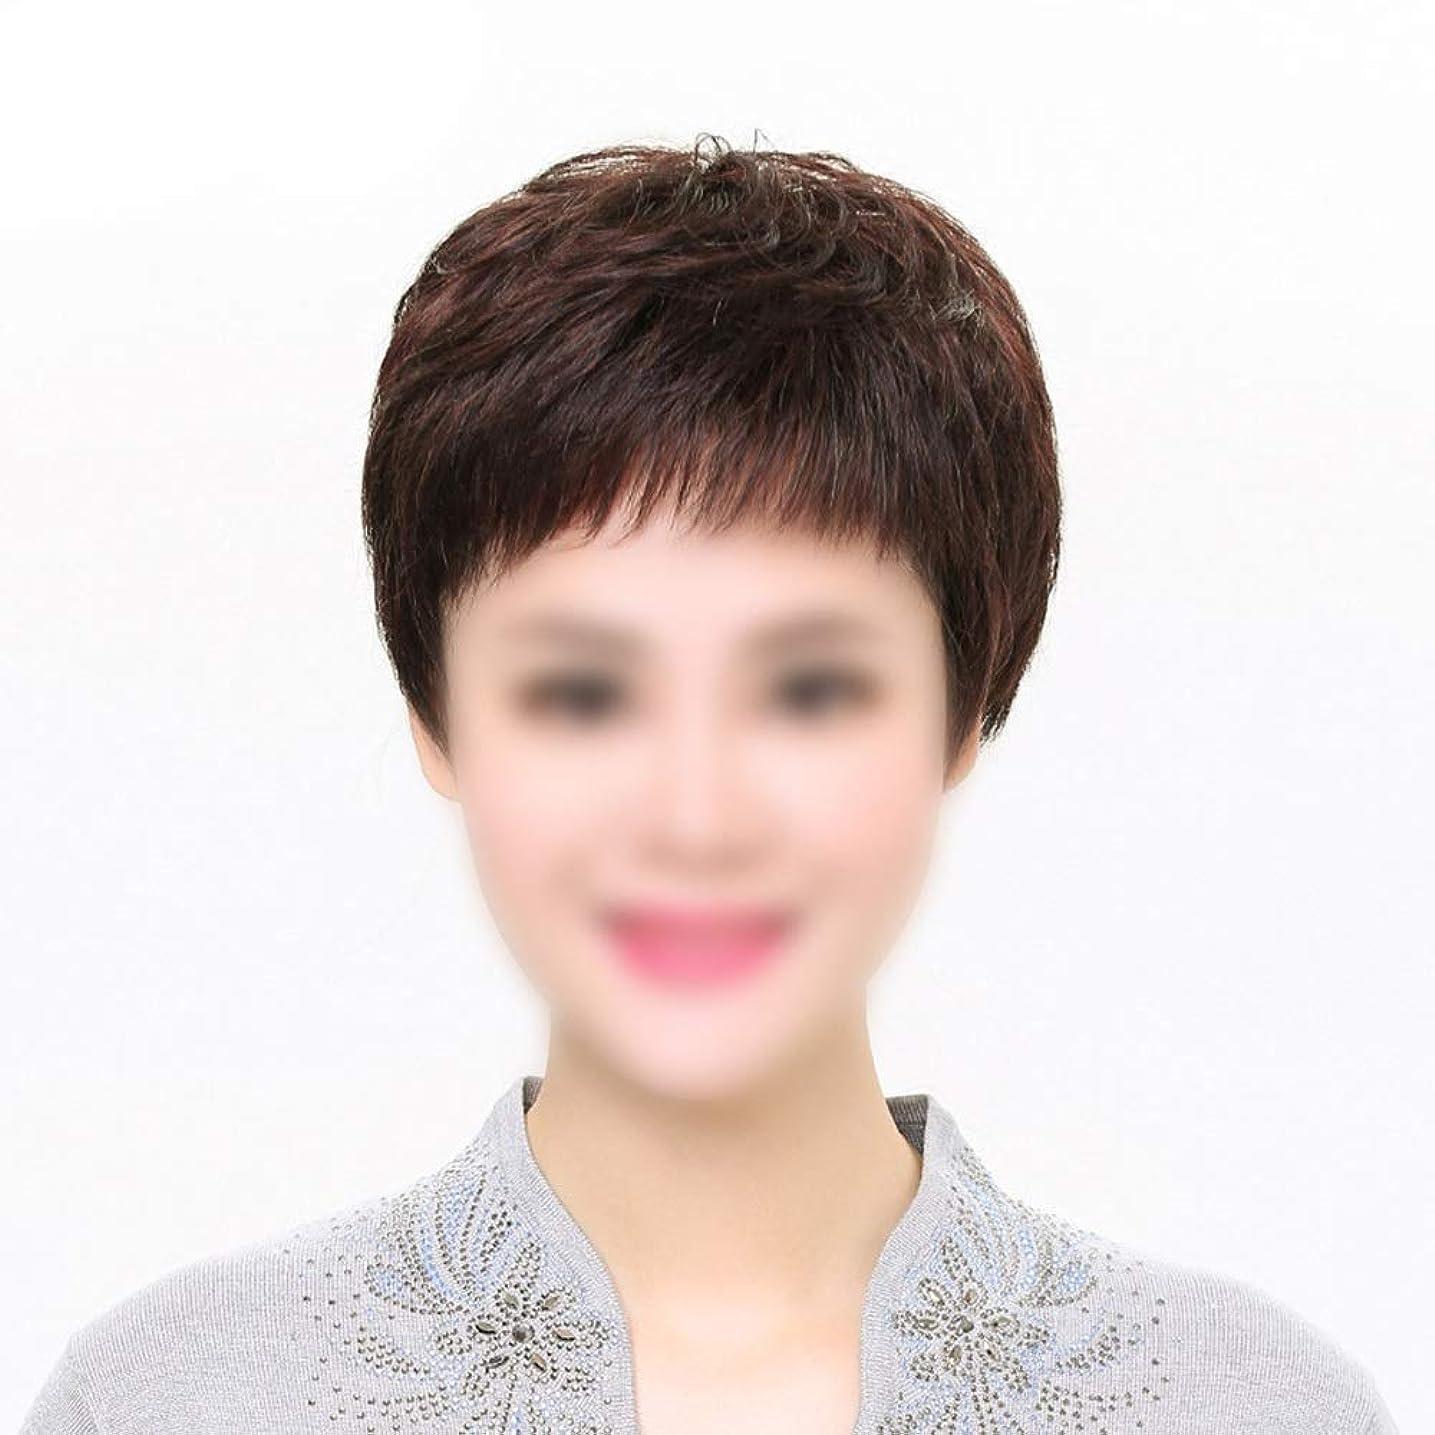 出発伴うサポートYESONEEP 100%本物の人間の髪の毛の自由な部分短い前髪付きかつら人間の髪の毛のかつら女性のファッションのかつら (Color : Dark brown, Edition : Hand-woven heart)